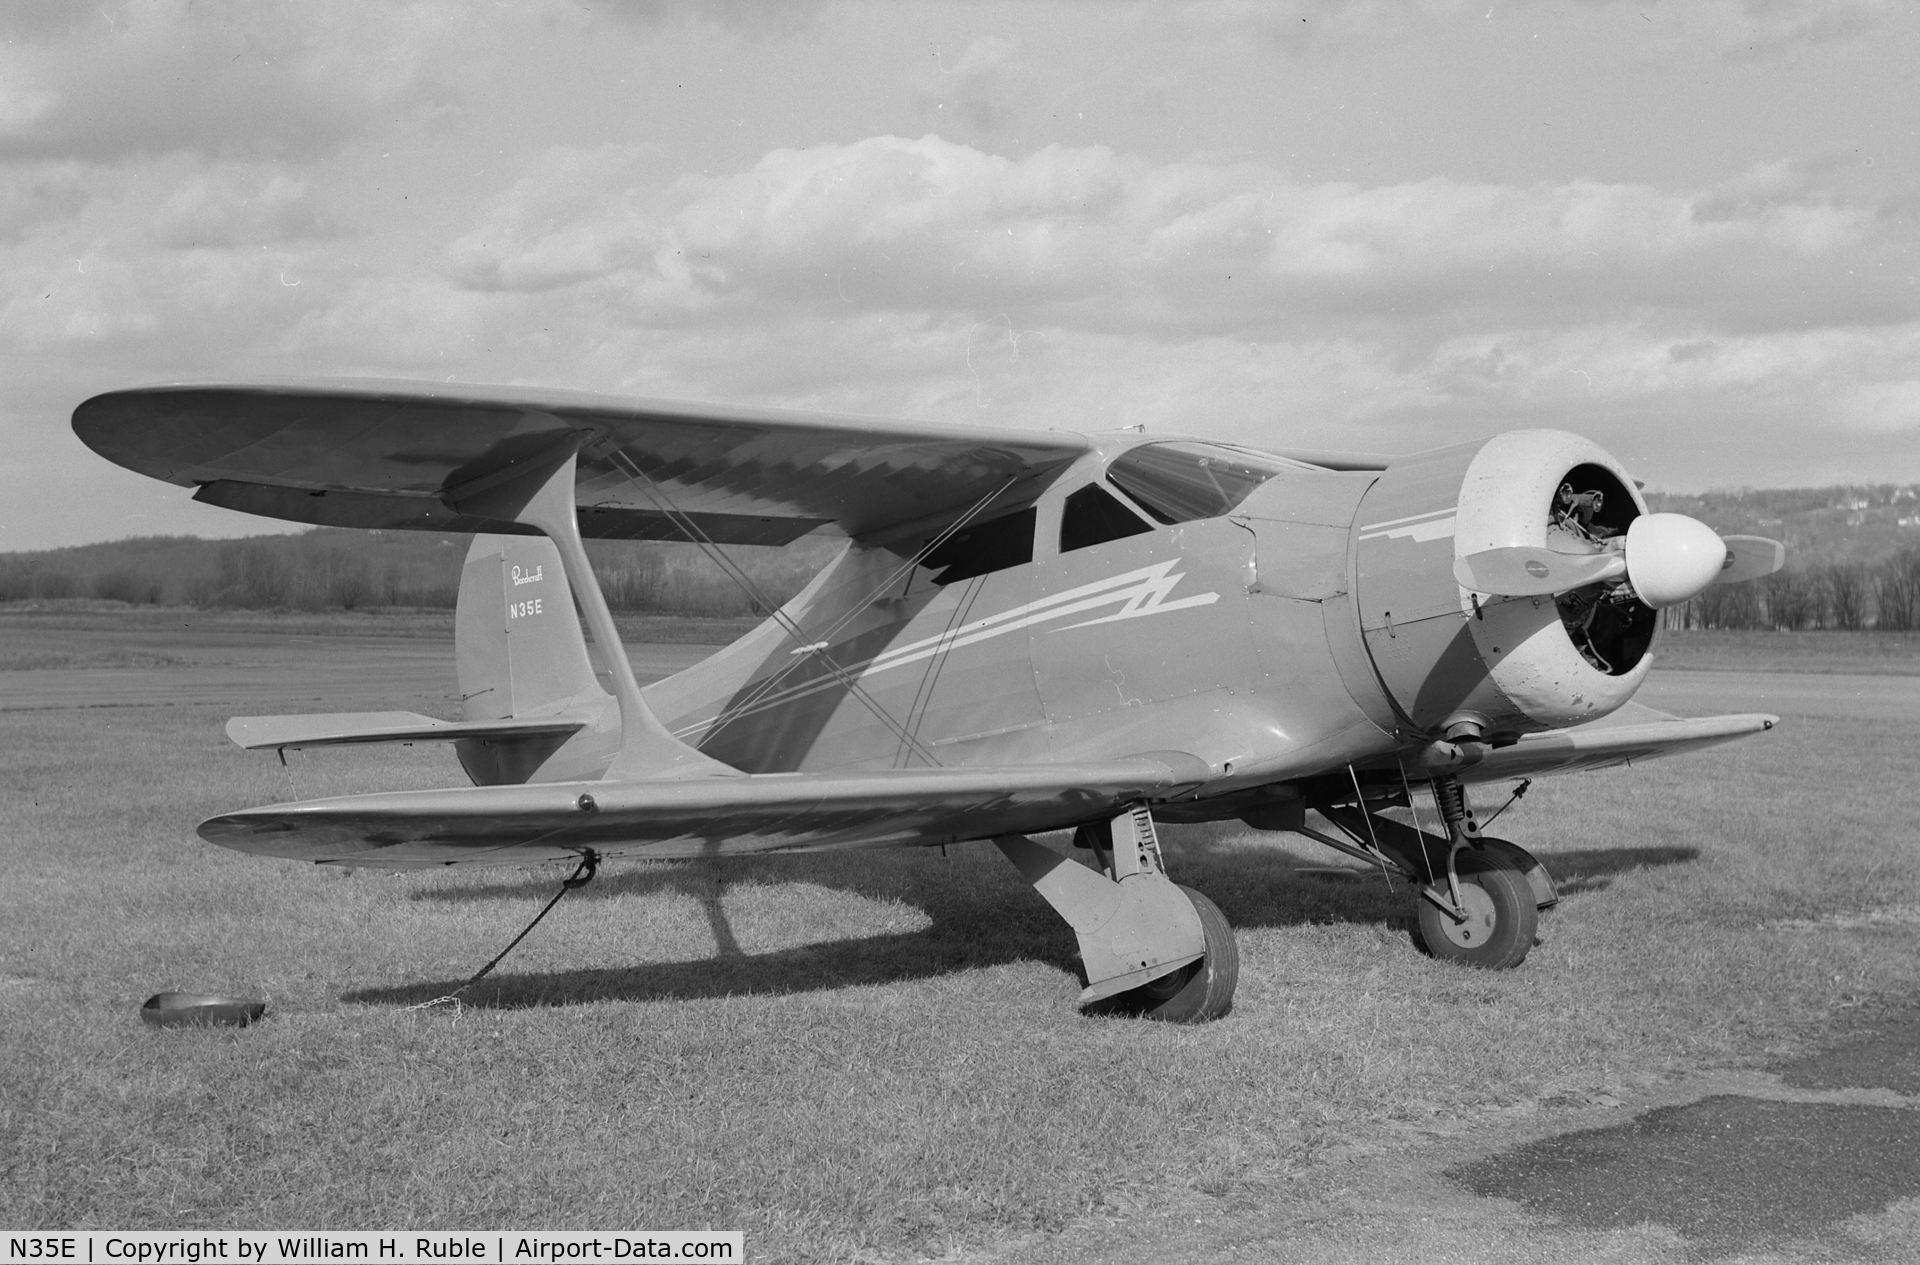 N35E, 1937 Beech D-17R C/N D-17R-167, N35E in 1964